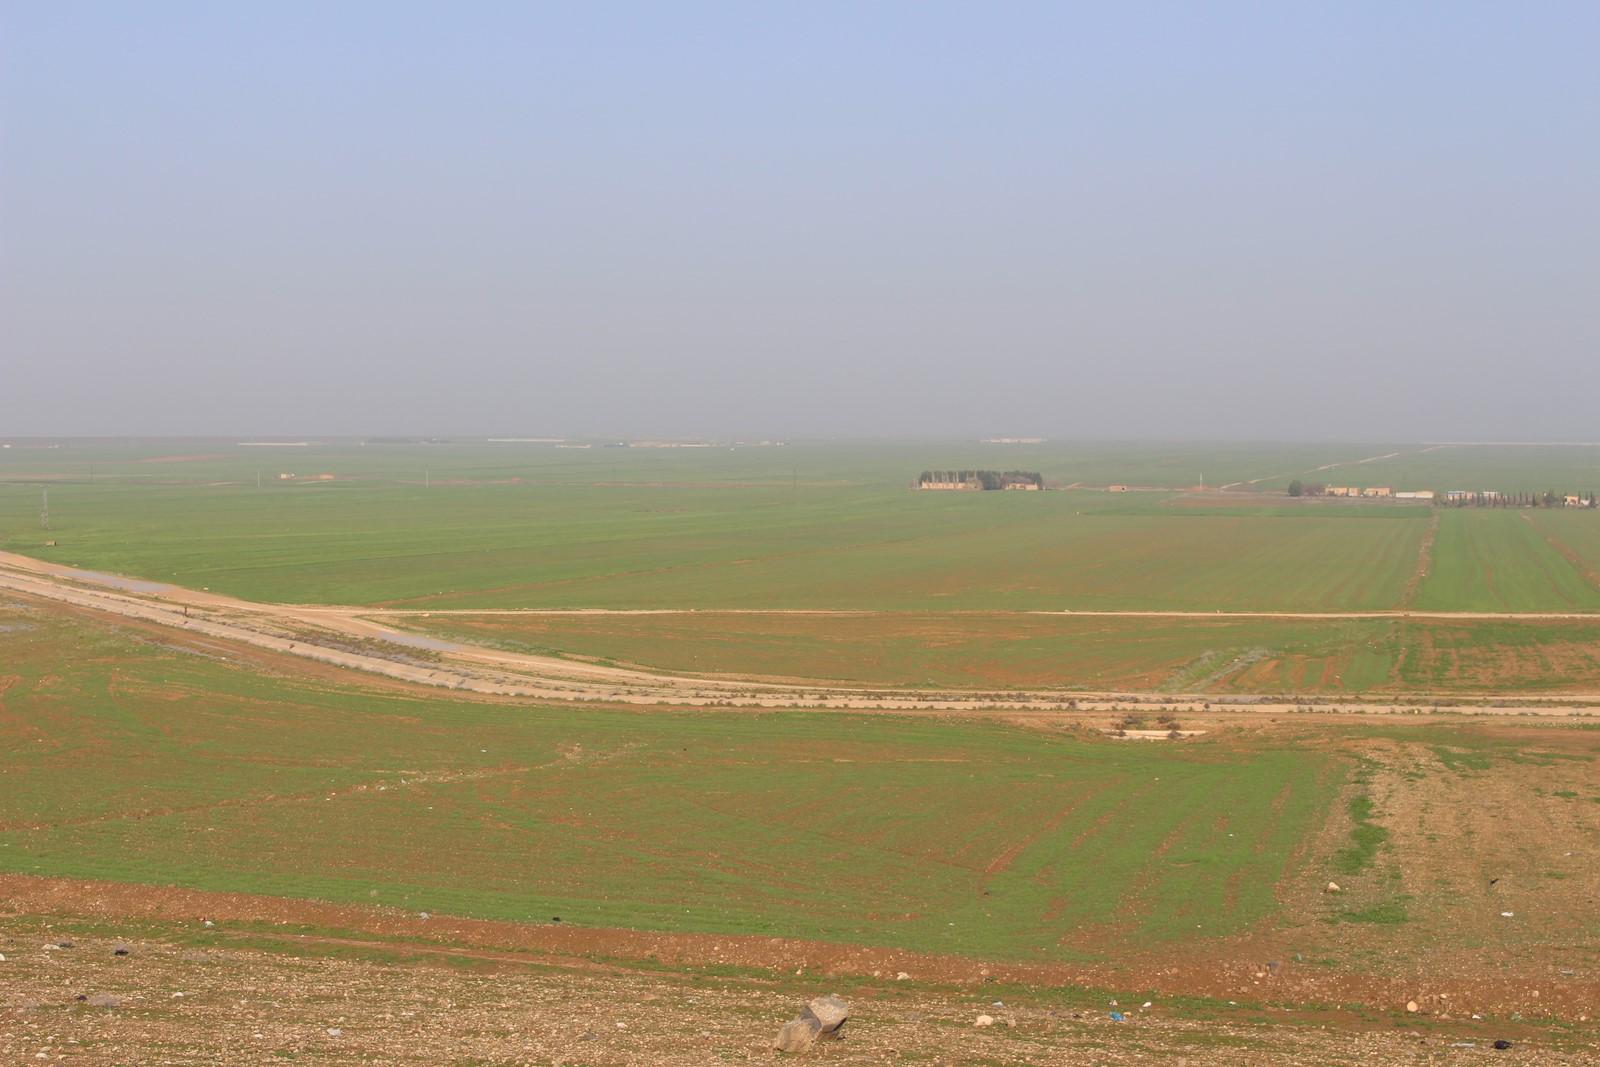 Zirus es una amenaza para la temporada agrícola en el cantón de al-Hasakah